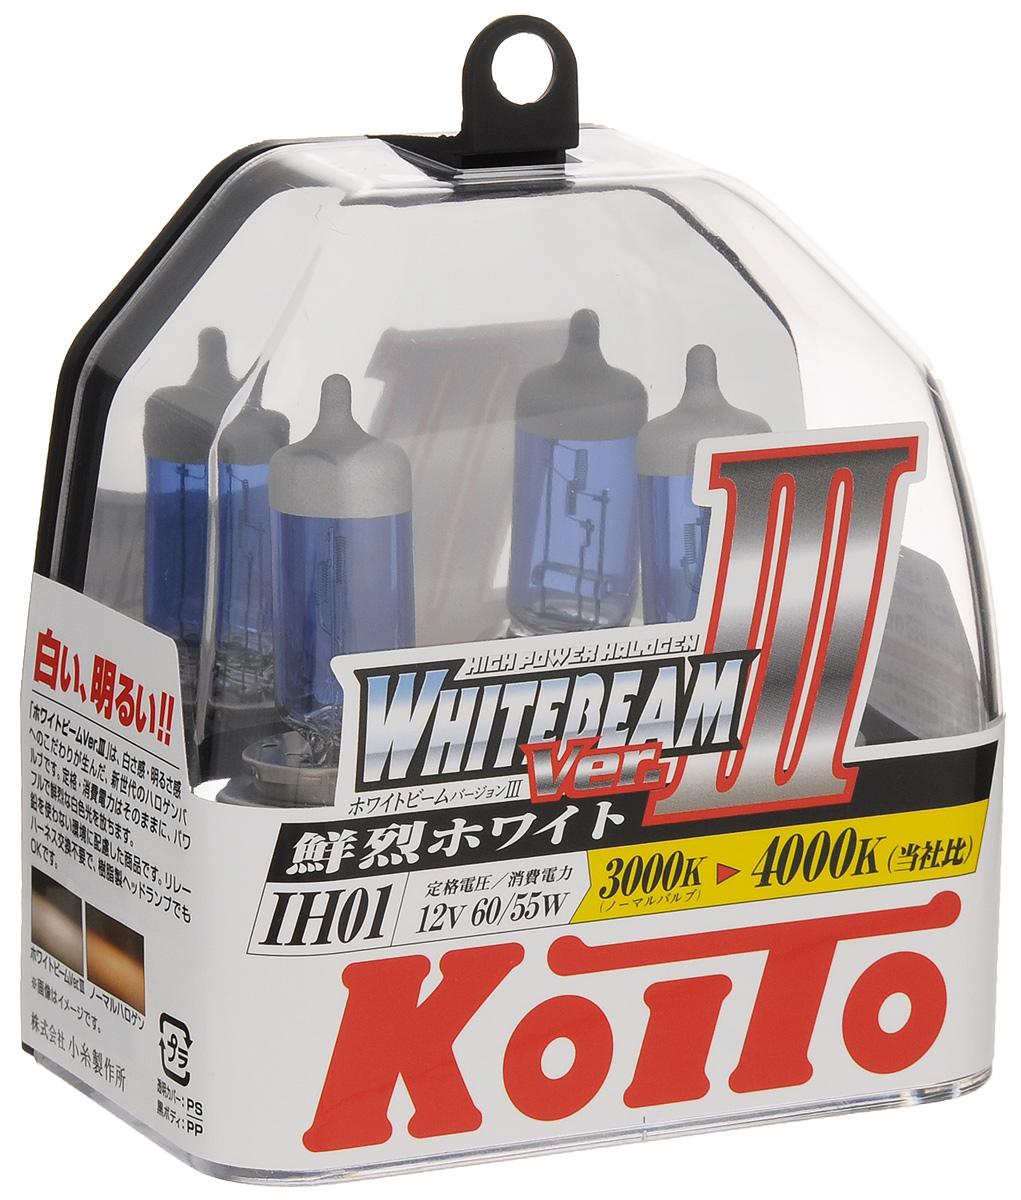 Лампа высокотемпературная Koito Whitebeam IH01 12V 60/55W (100/90W) пластиковая упаковка - 2 шт комплект P0745WP0745WЛампы KOITO Whitebeam являются вершиной развития технологий автомобильного освещения. Созданные с применением самых современных технологий и ноу-хау компании KOITO, разработанные на основе опыта поставок систем освещения крупнейшим мировым автопроизводителям, лампы серии Whitebeam III воплотили в себе весь опыт и достижения компании за почти вековую историю работы. Напряжение: 12 вольт. Цветовая температура: 4000К. Тип цоколя: IH01. Цвет света: белый. Технические характеристики: 12V 60/55W (светоотдача 100/90W. )